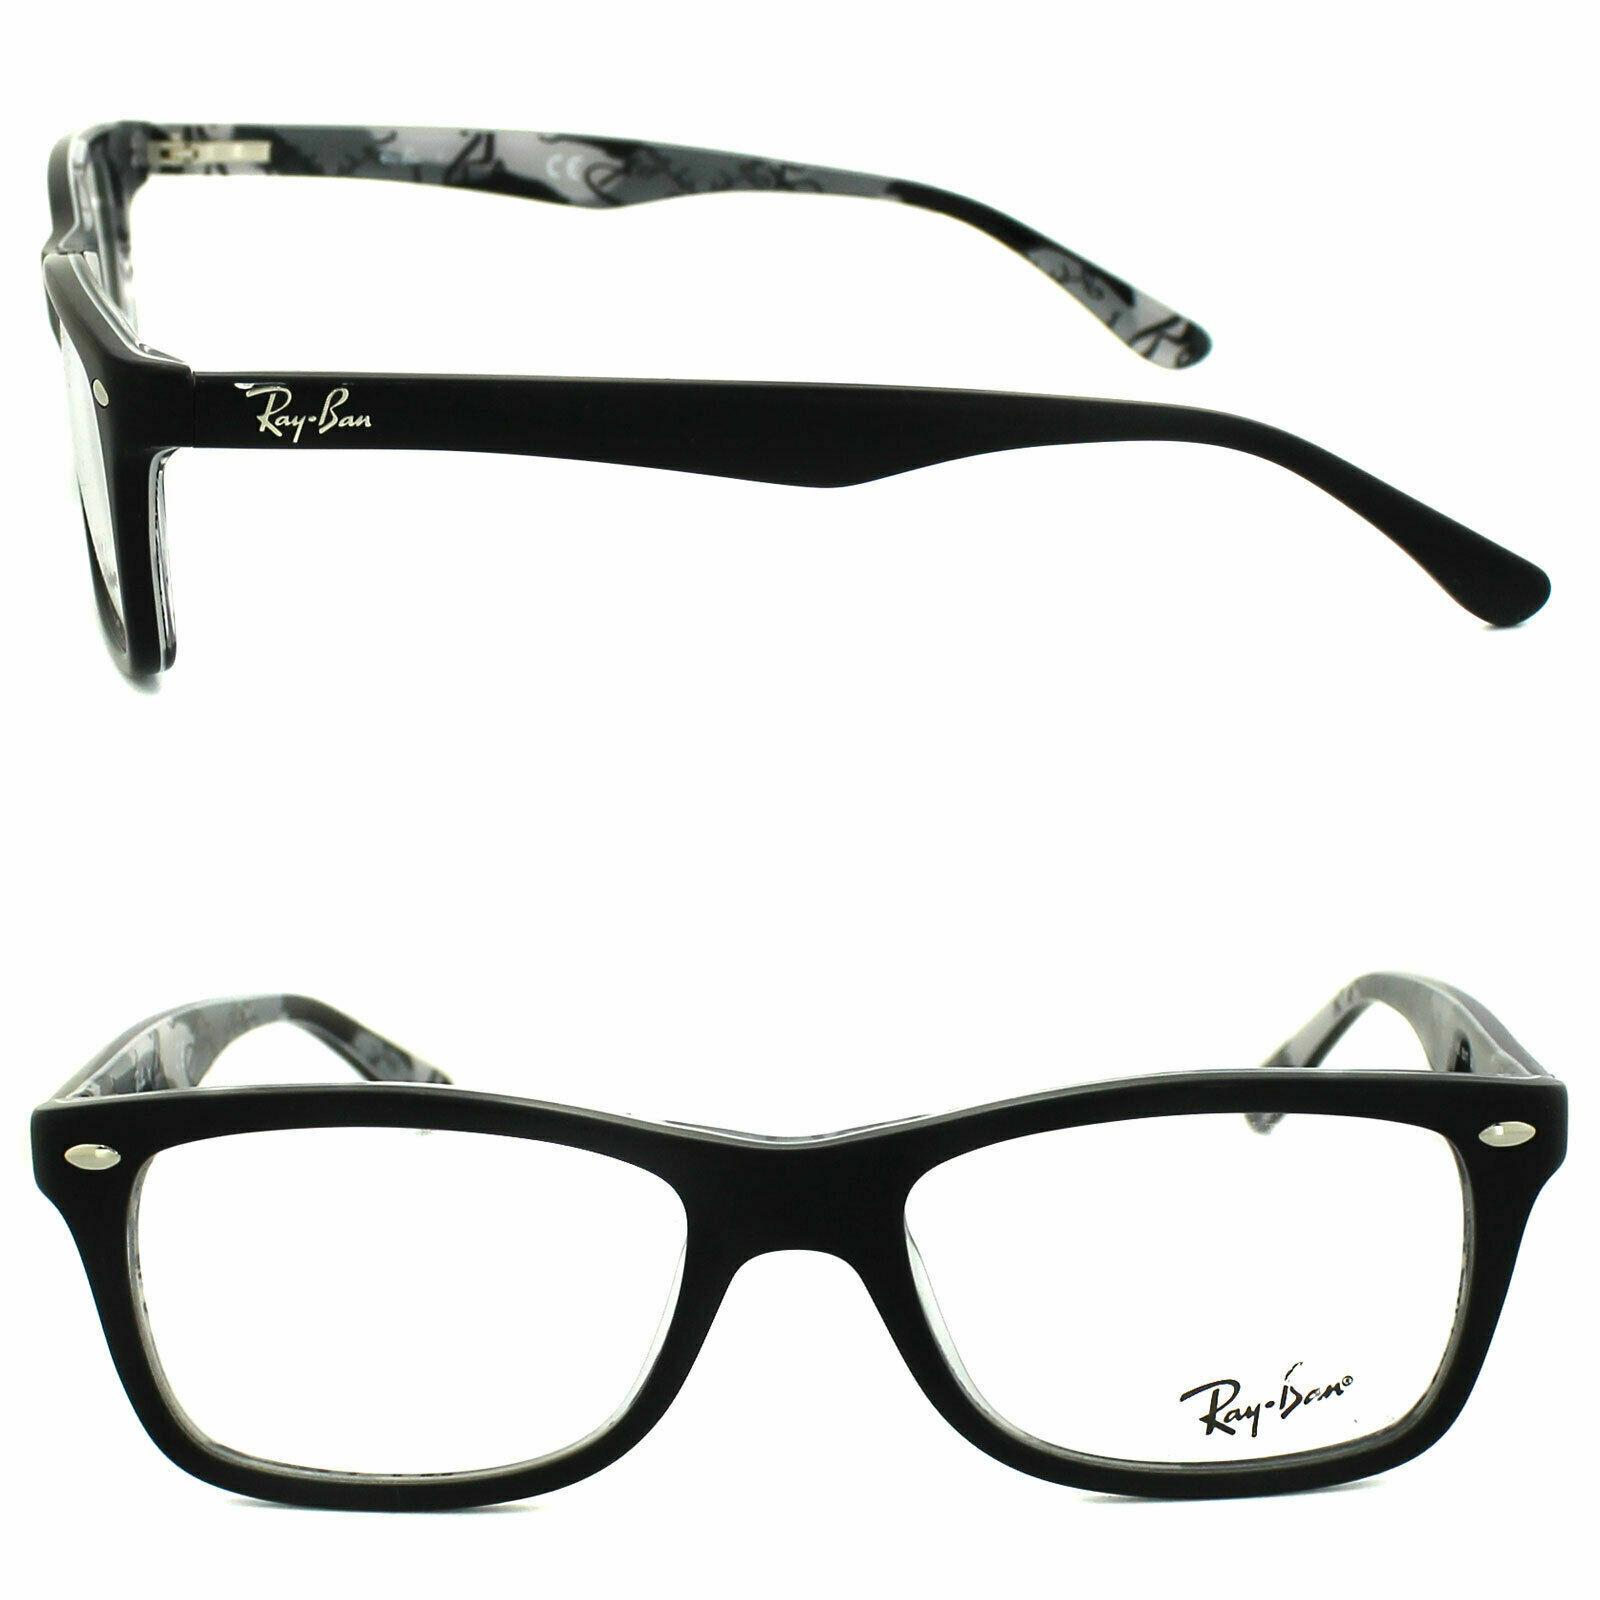 Ray Ban RB 5228 Farbe 5405 Camouflage black Brille Brillen Gestell Fassung Neu